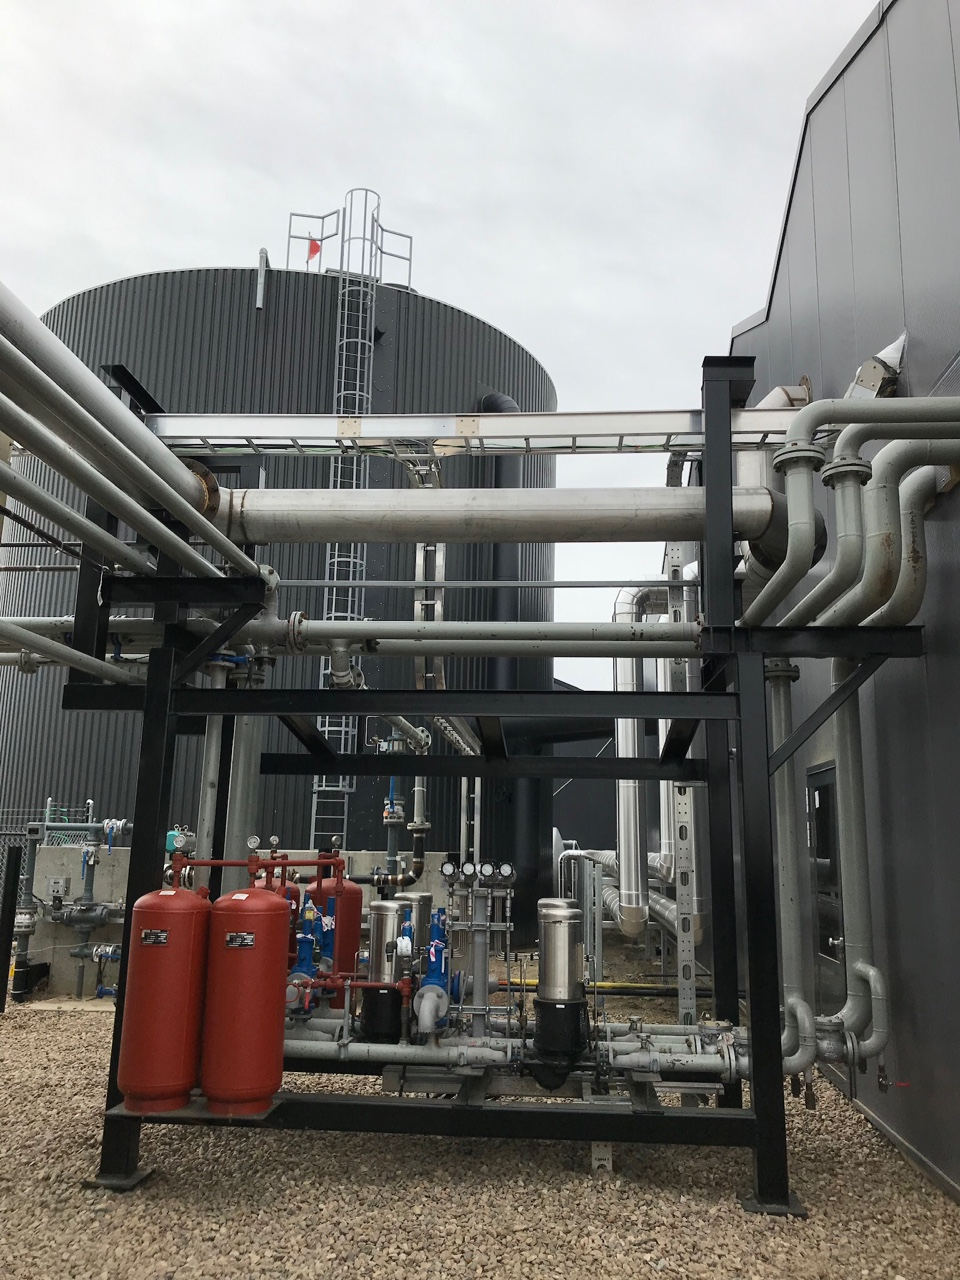 2019-04-09 pumps by HST.JPG